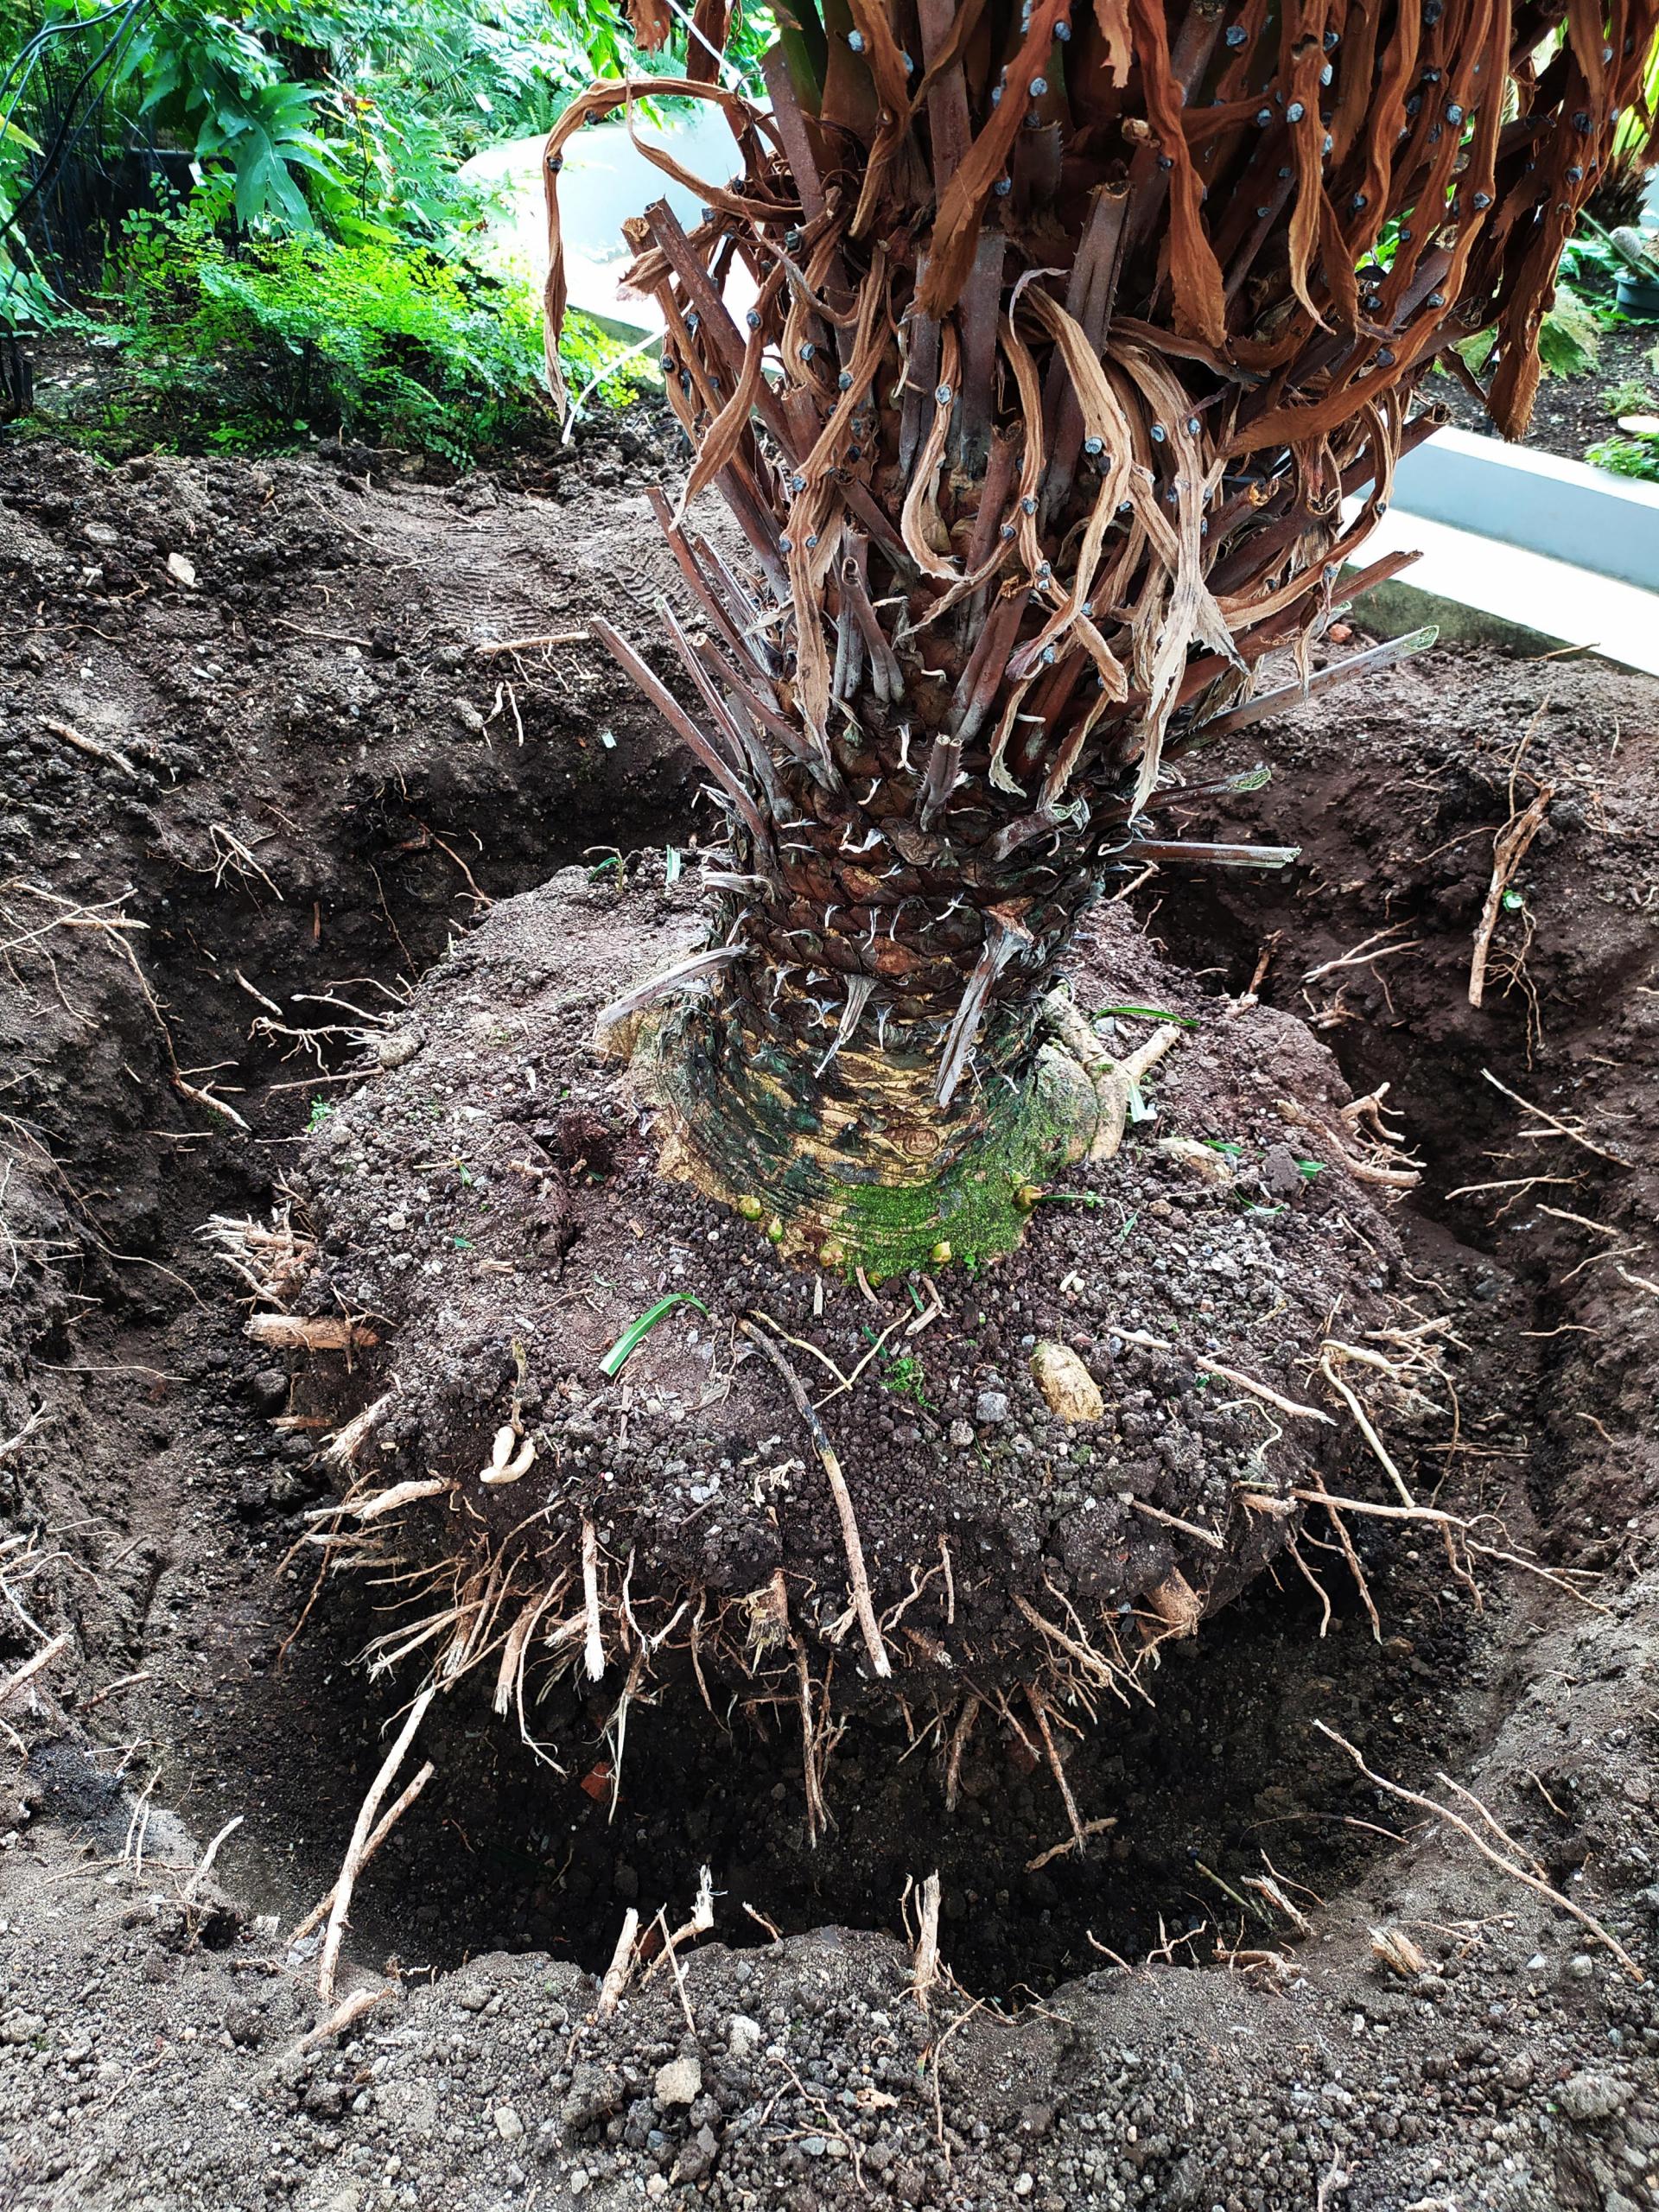 2_Obkopávání kořenového balu ve skleníkách Botanické zahrady Masarykovy univerzity v Brně